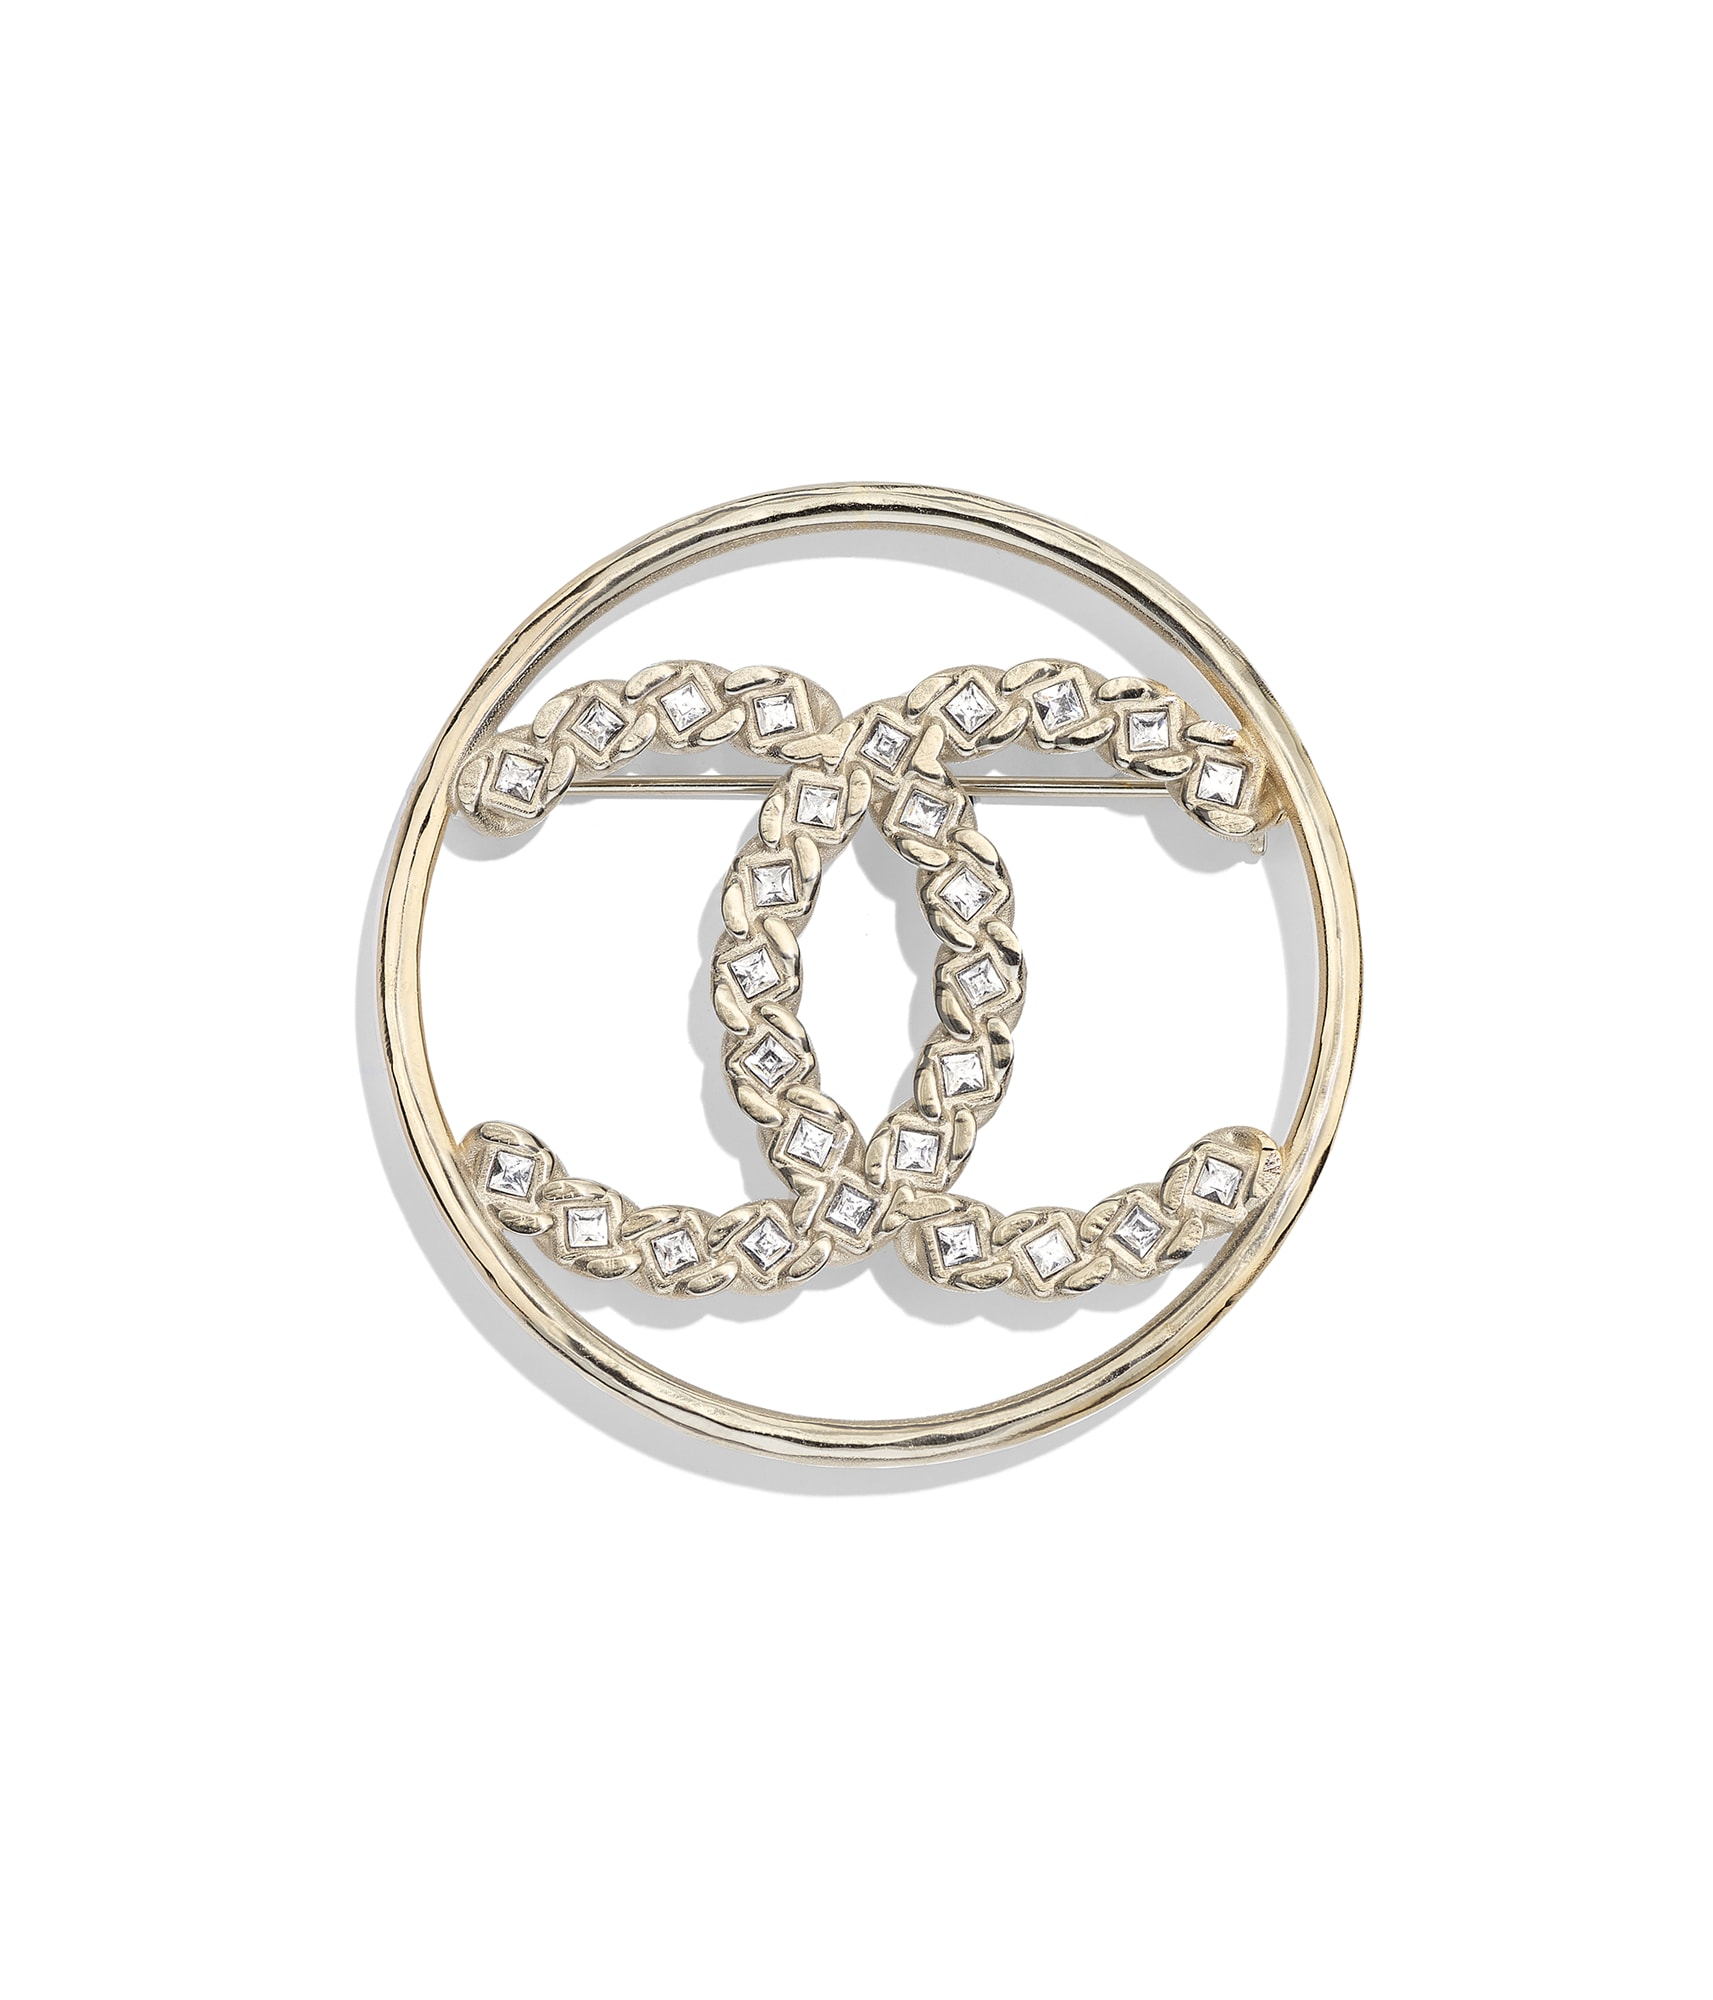 870e8138cc4a Brooches - Costume Jewelry - CHANEL